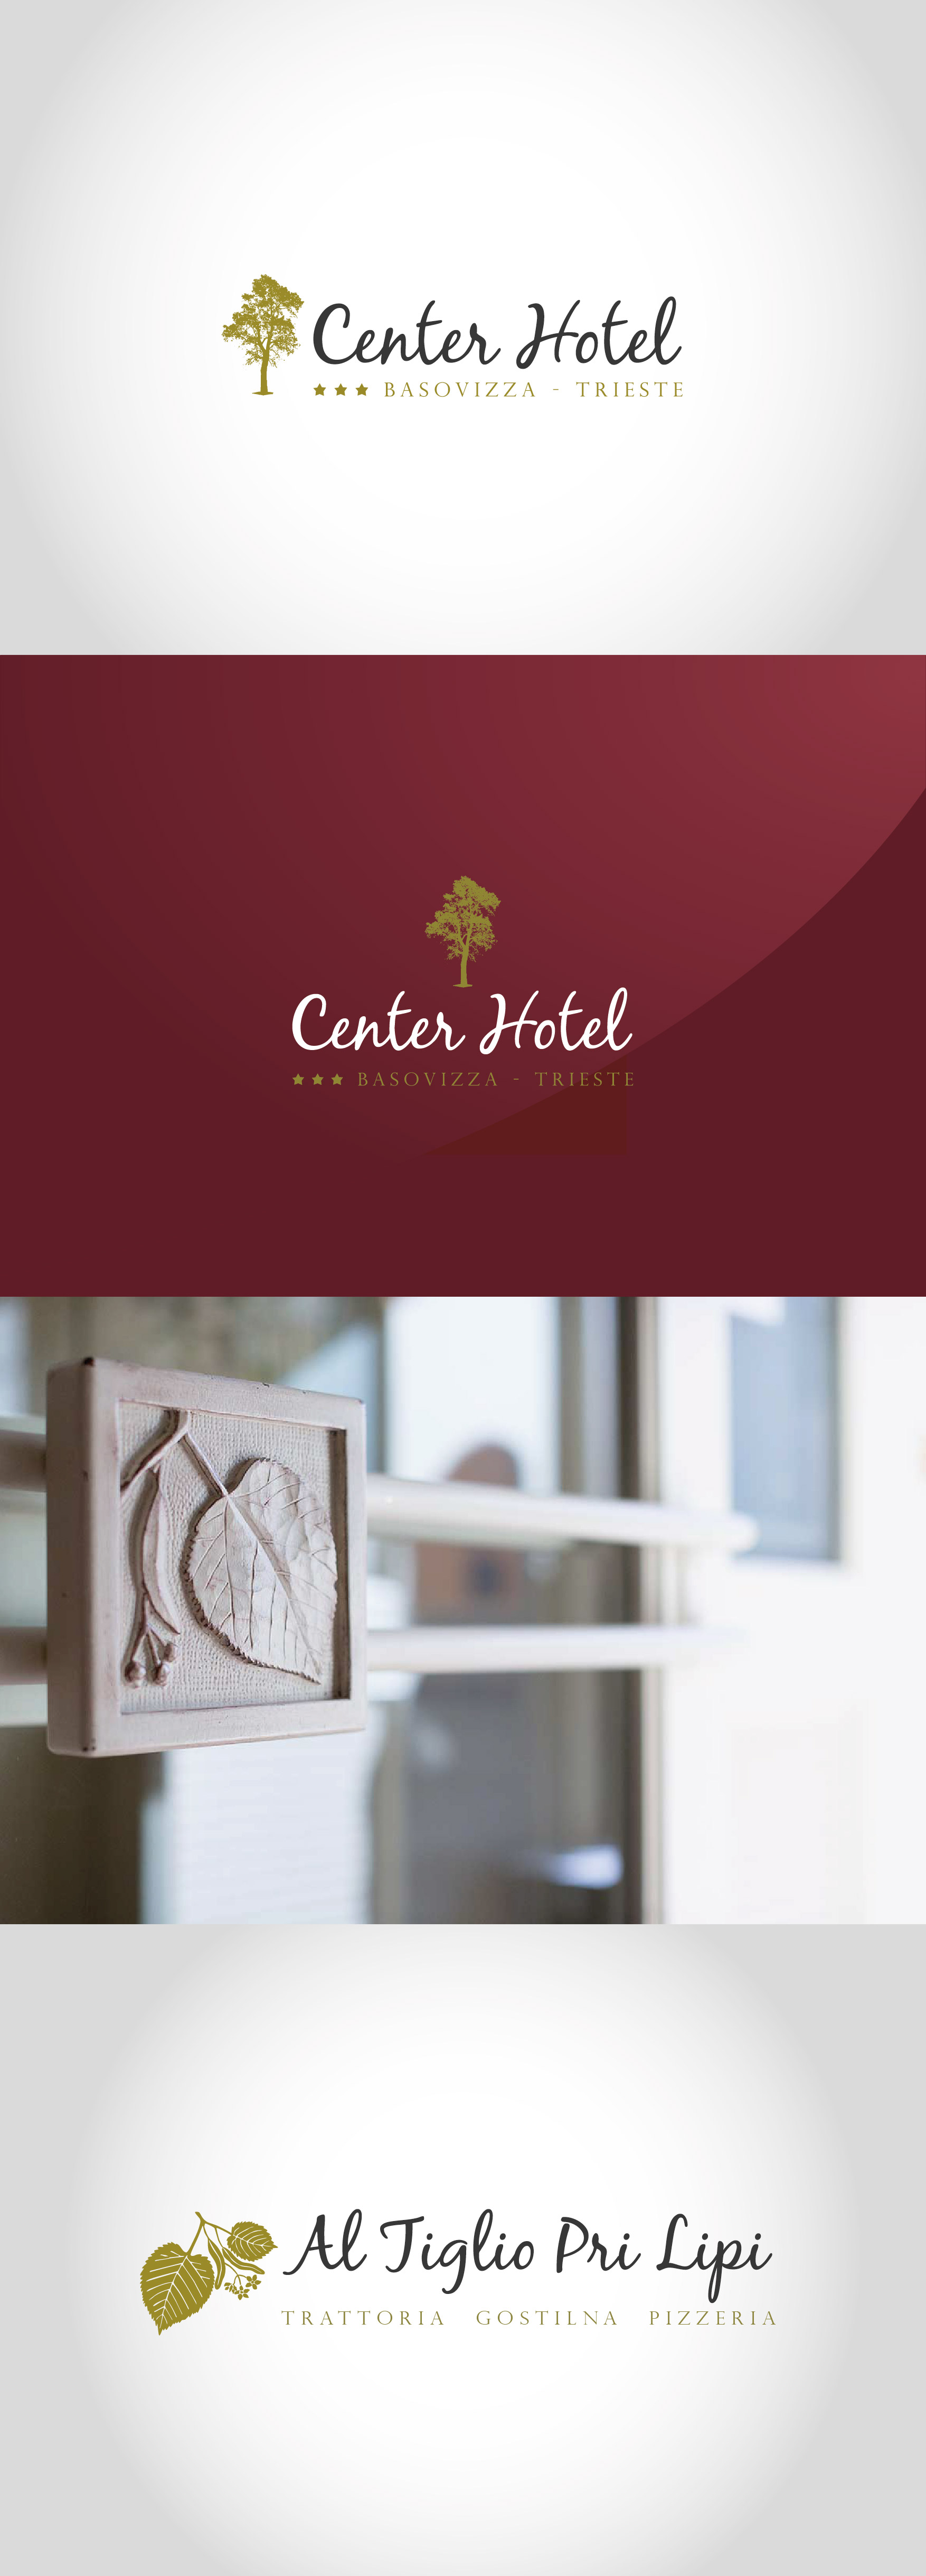 CENTERHOTEL_logo_persito-01